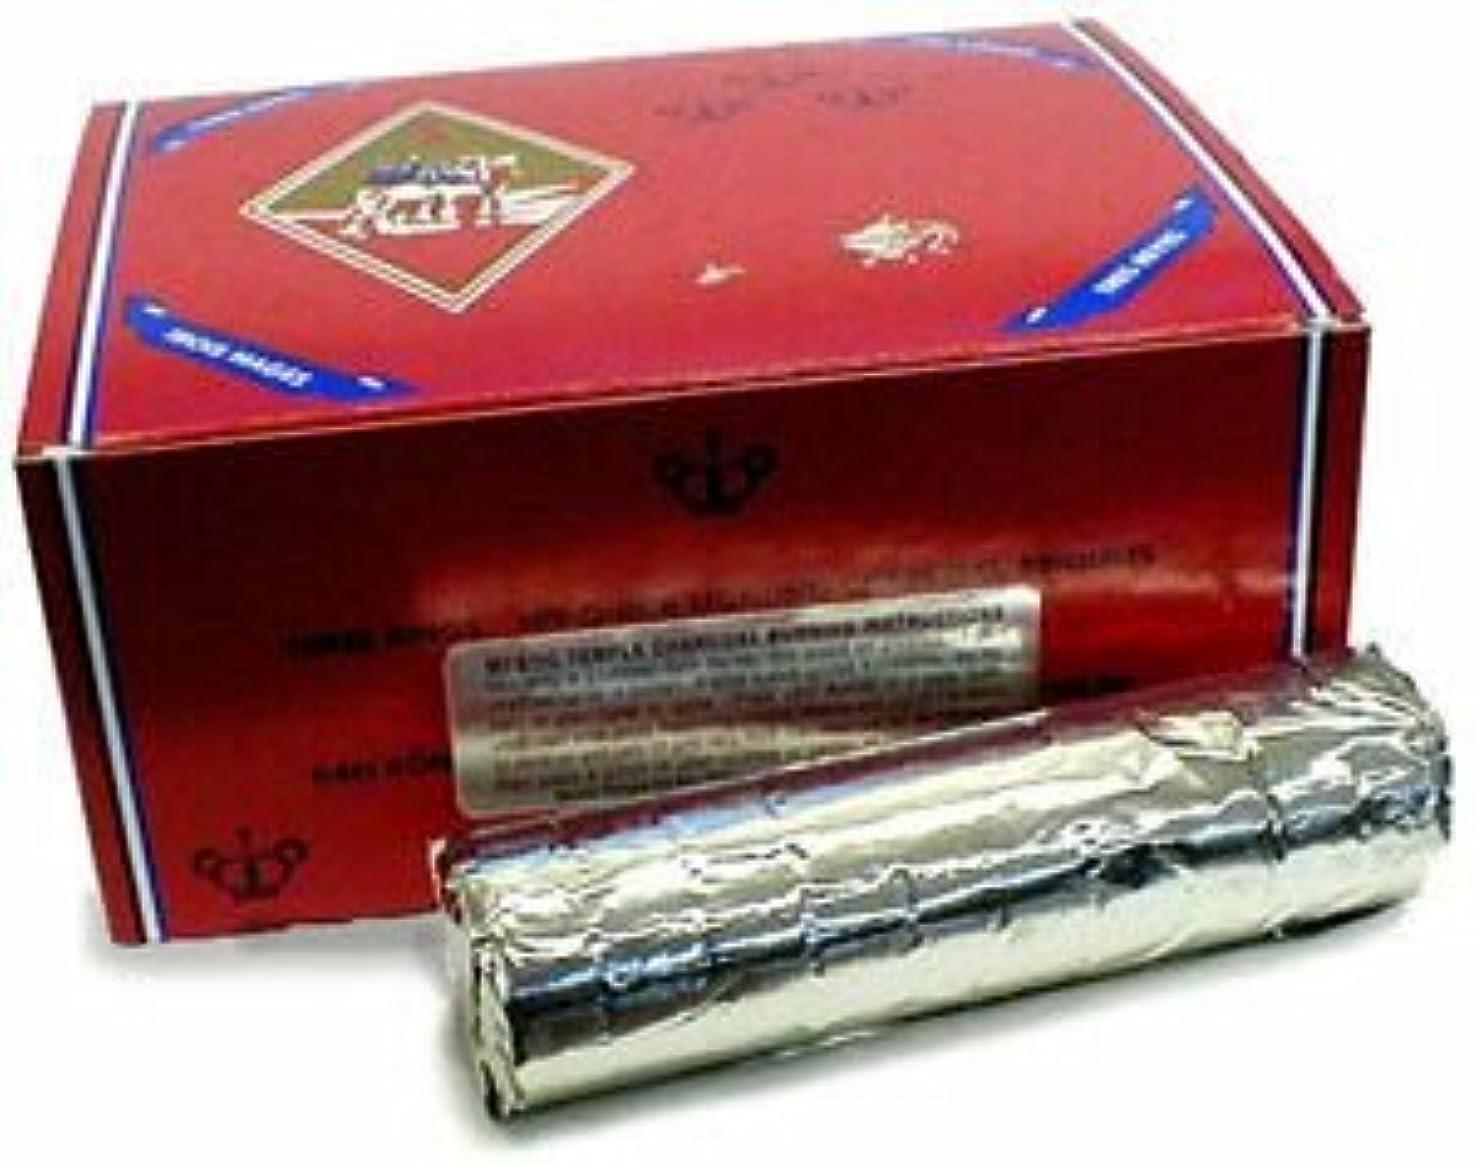 Three Kingsチャコール – 40 mm ( Large ) – シングルロールの10 Tablets